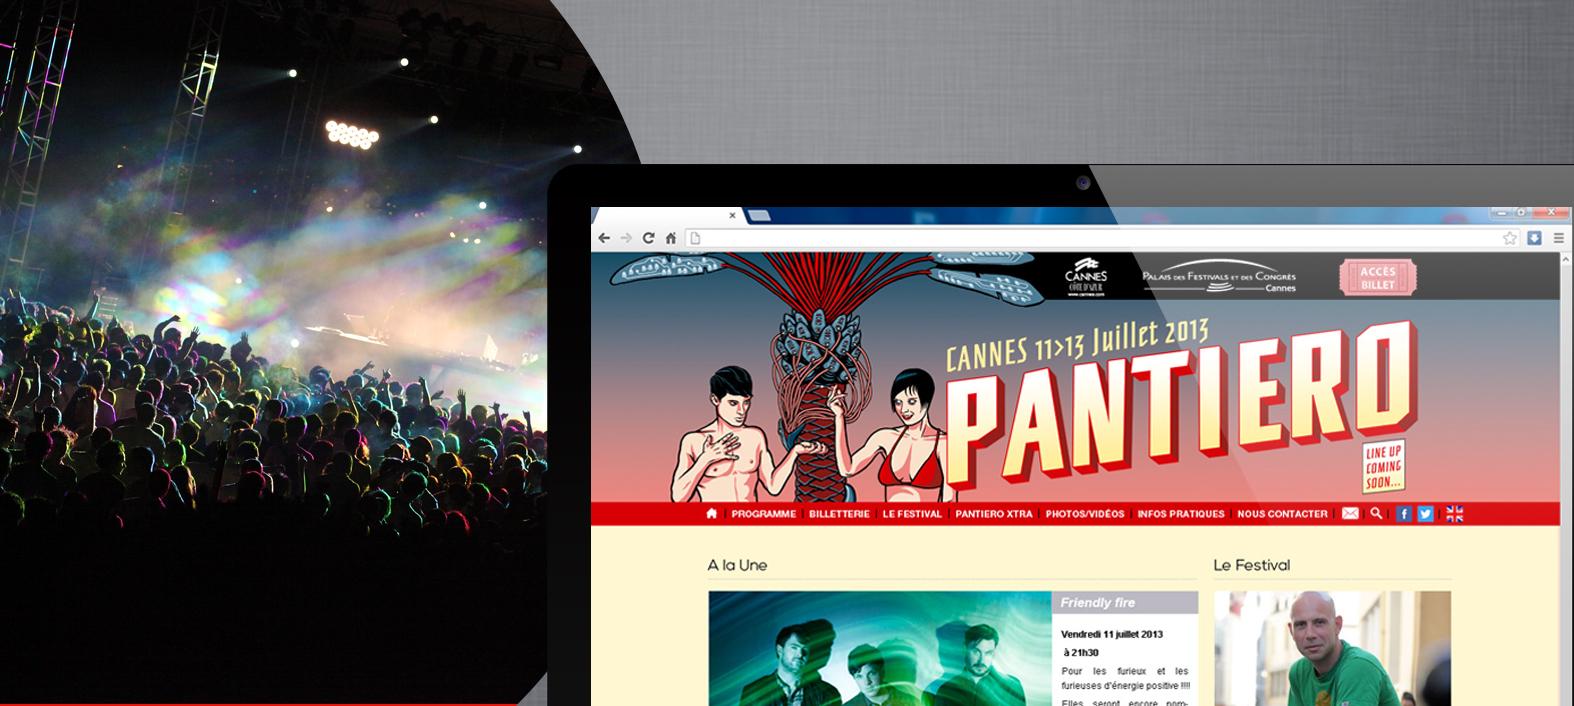 Web Pantiero